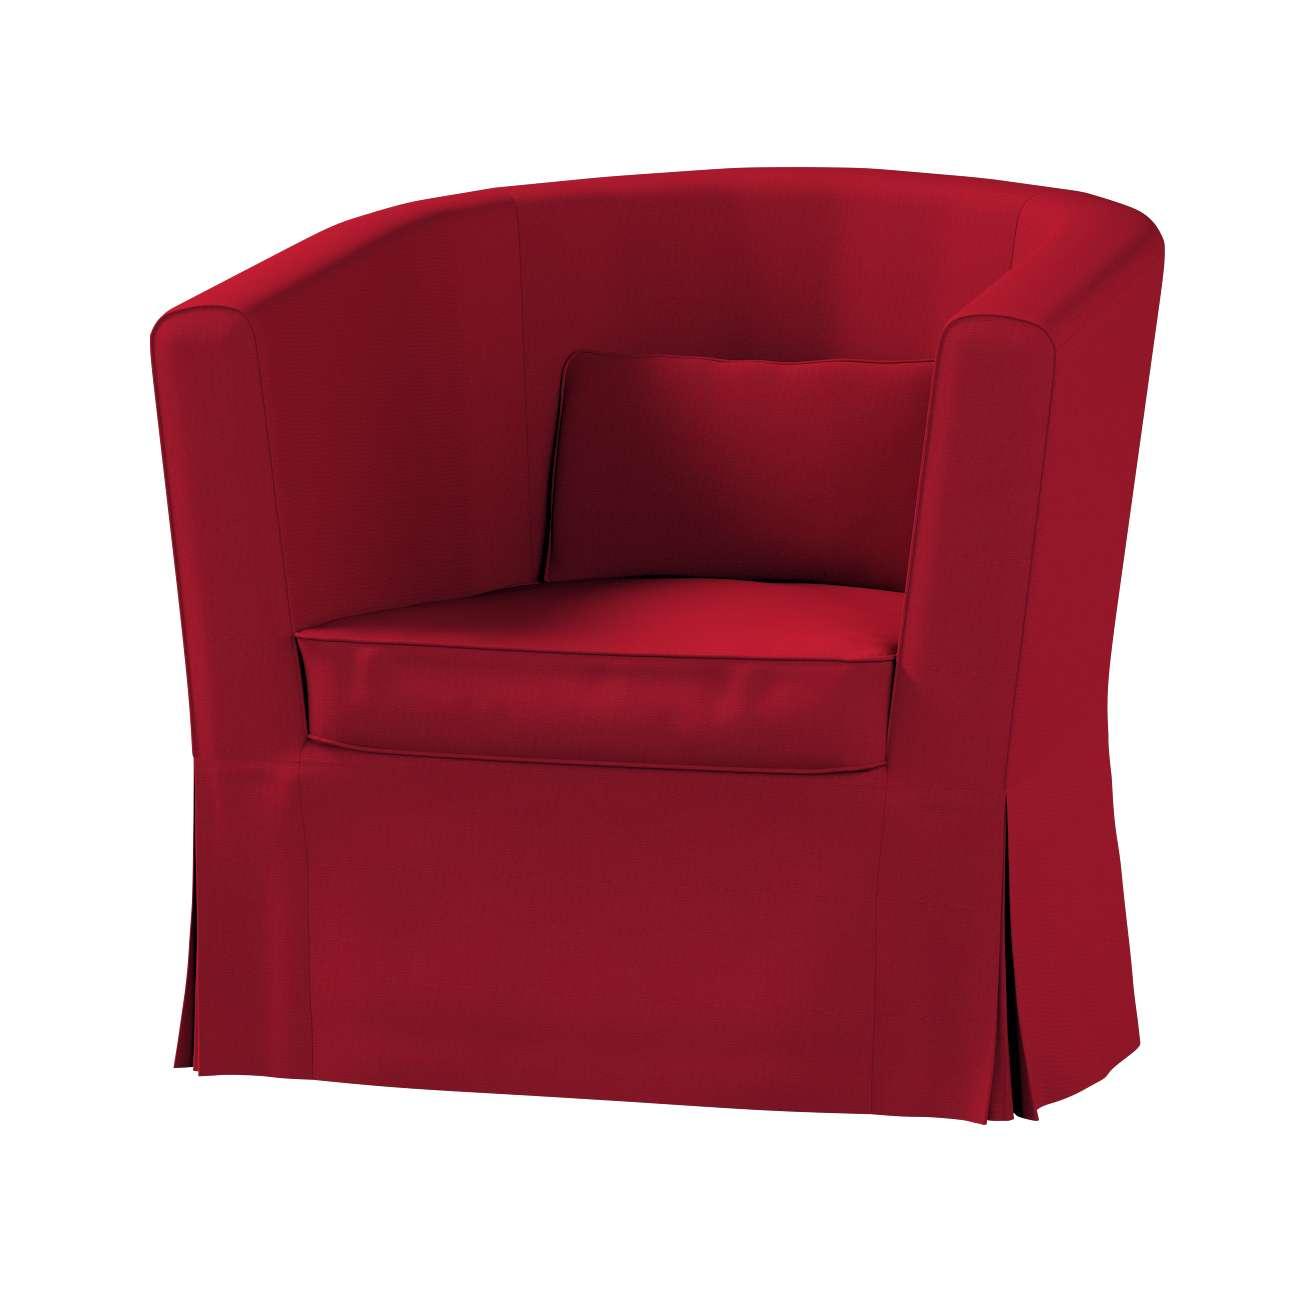 Ektorp Tullsta Sesselbezug von der Kollektion Etna, Stoff: 705-60